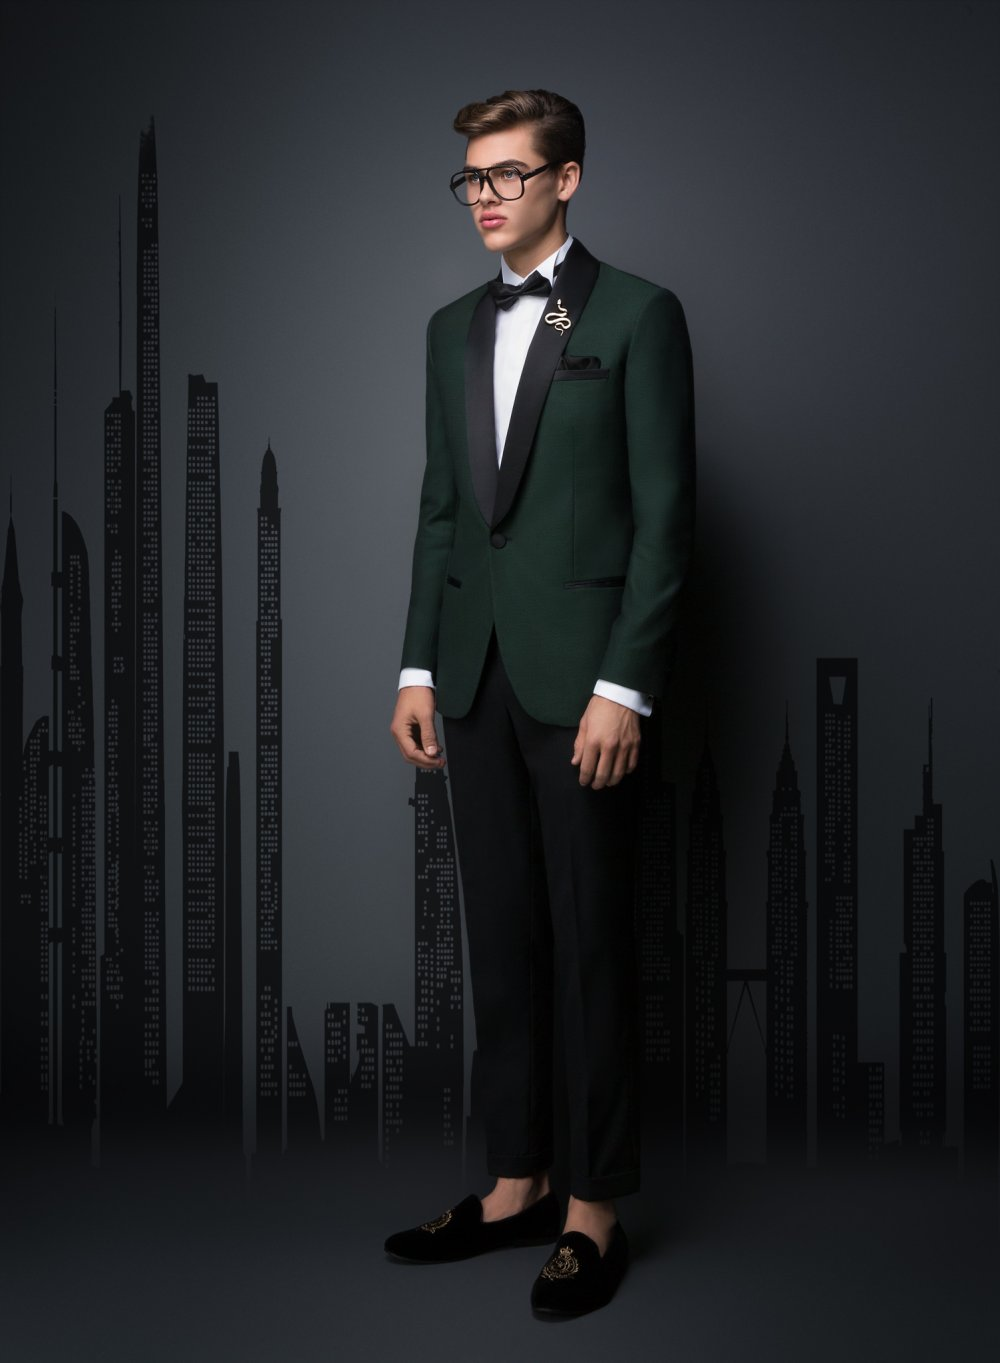 fashioneditorial-as1742.jpg